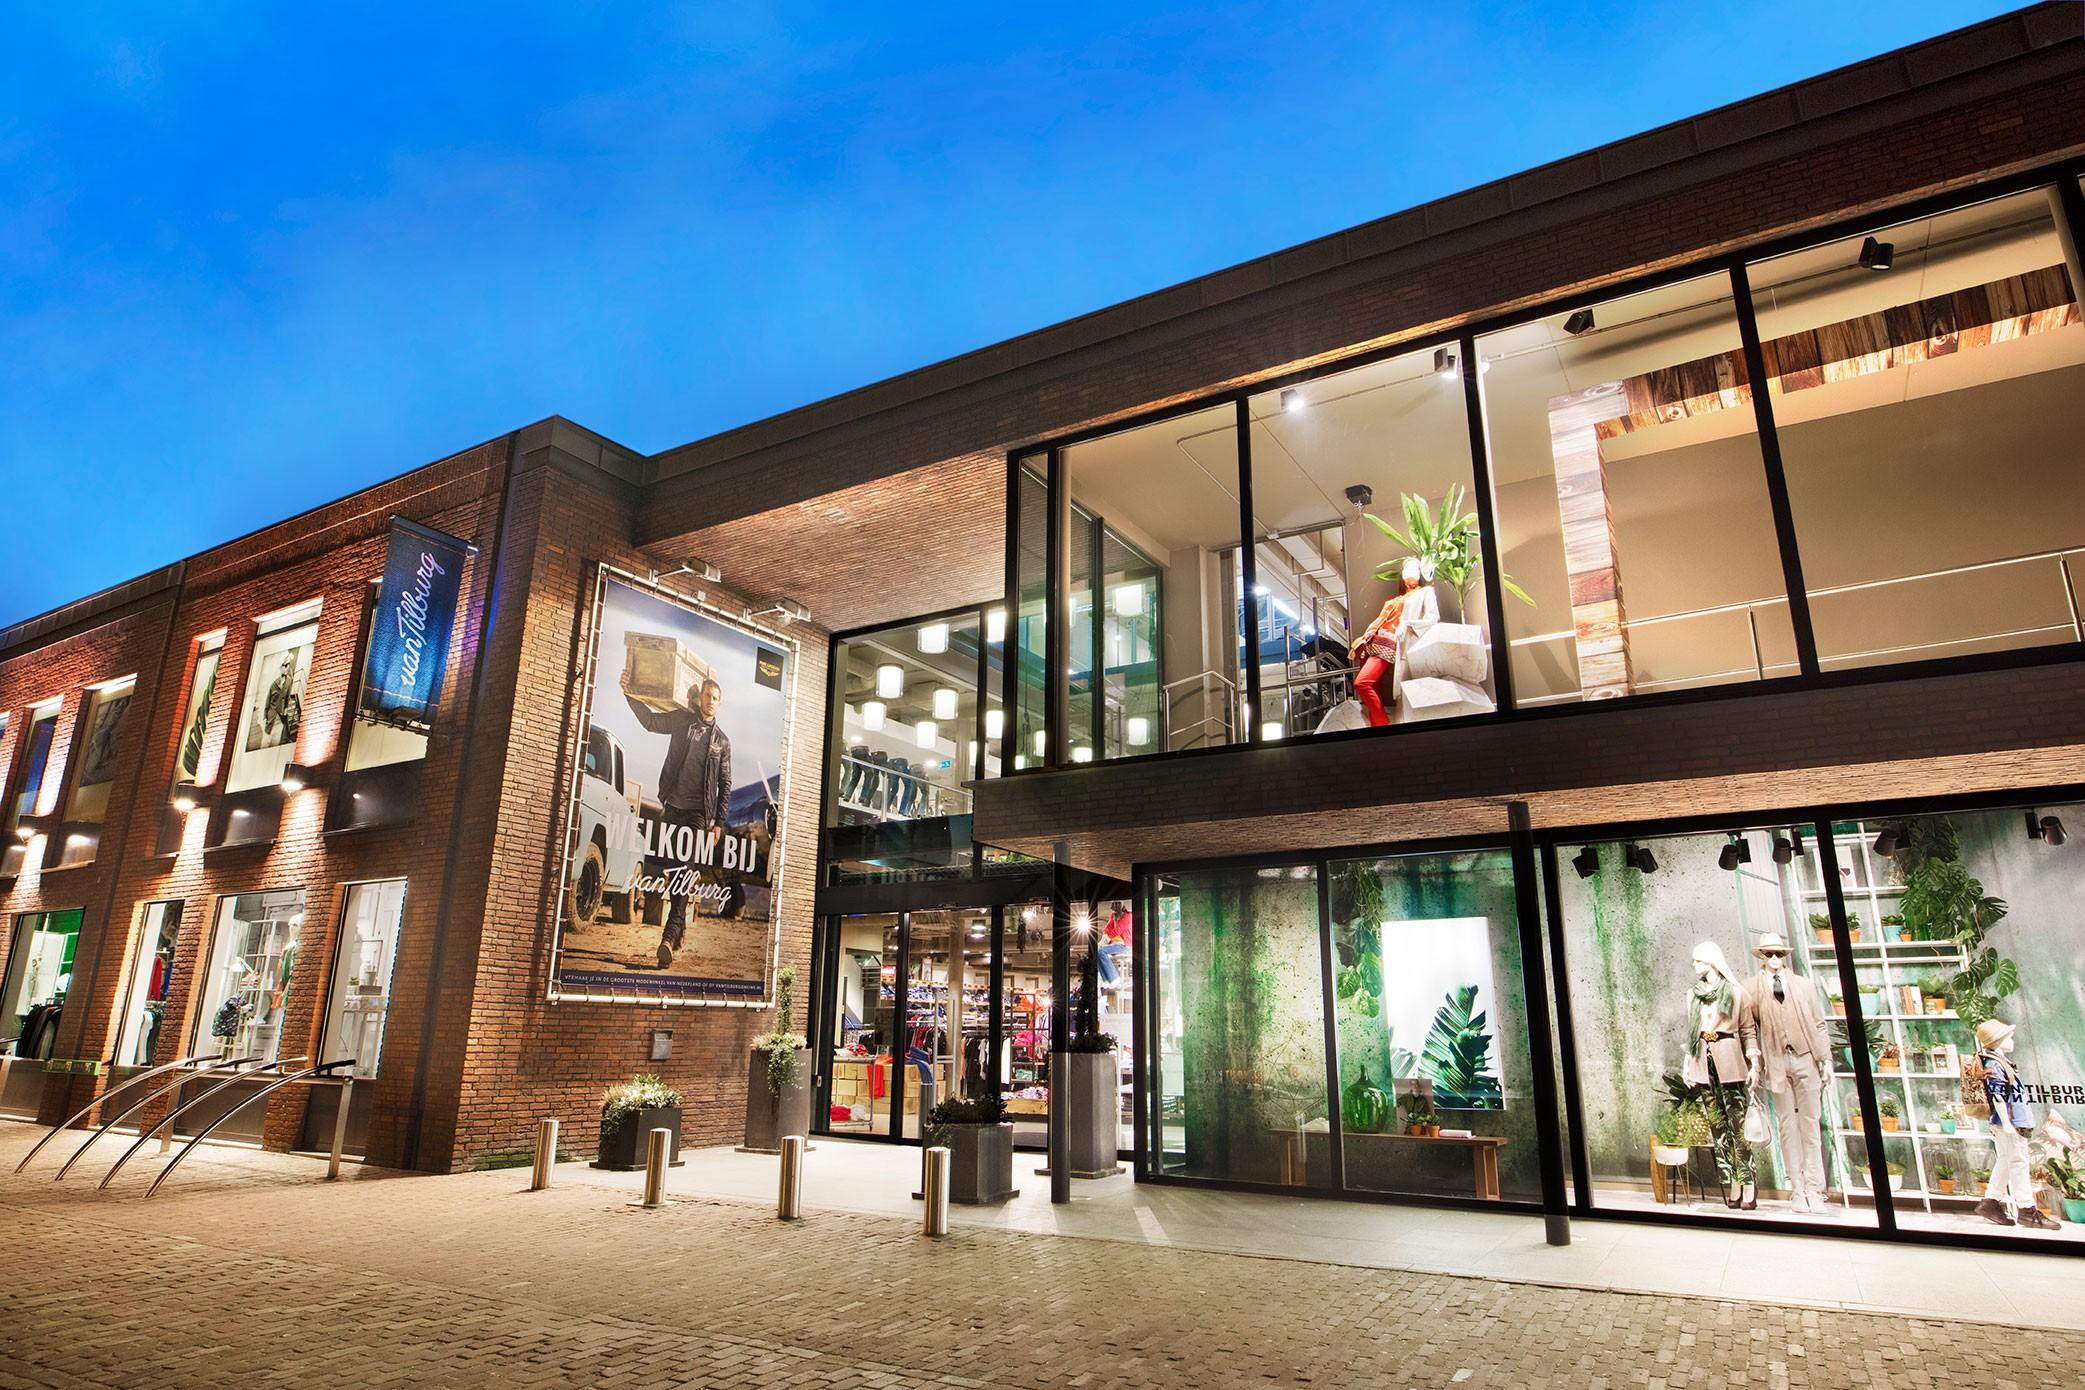 website voor korting officiële afbeeldingen goed uit x Van Tilburg mode en sport Nistelrode | LinkedIn